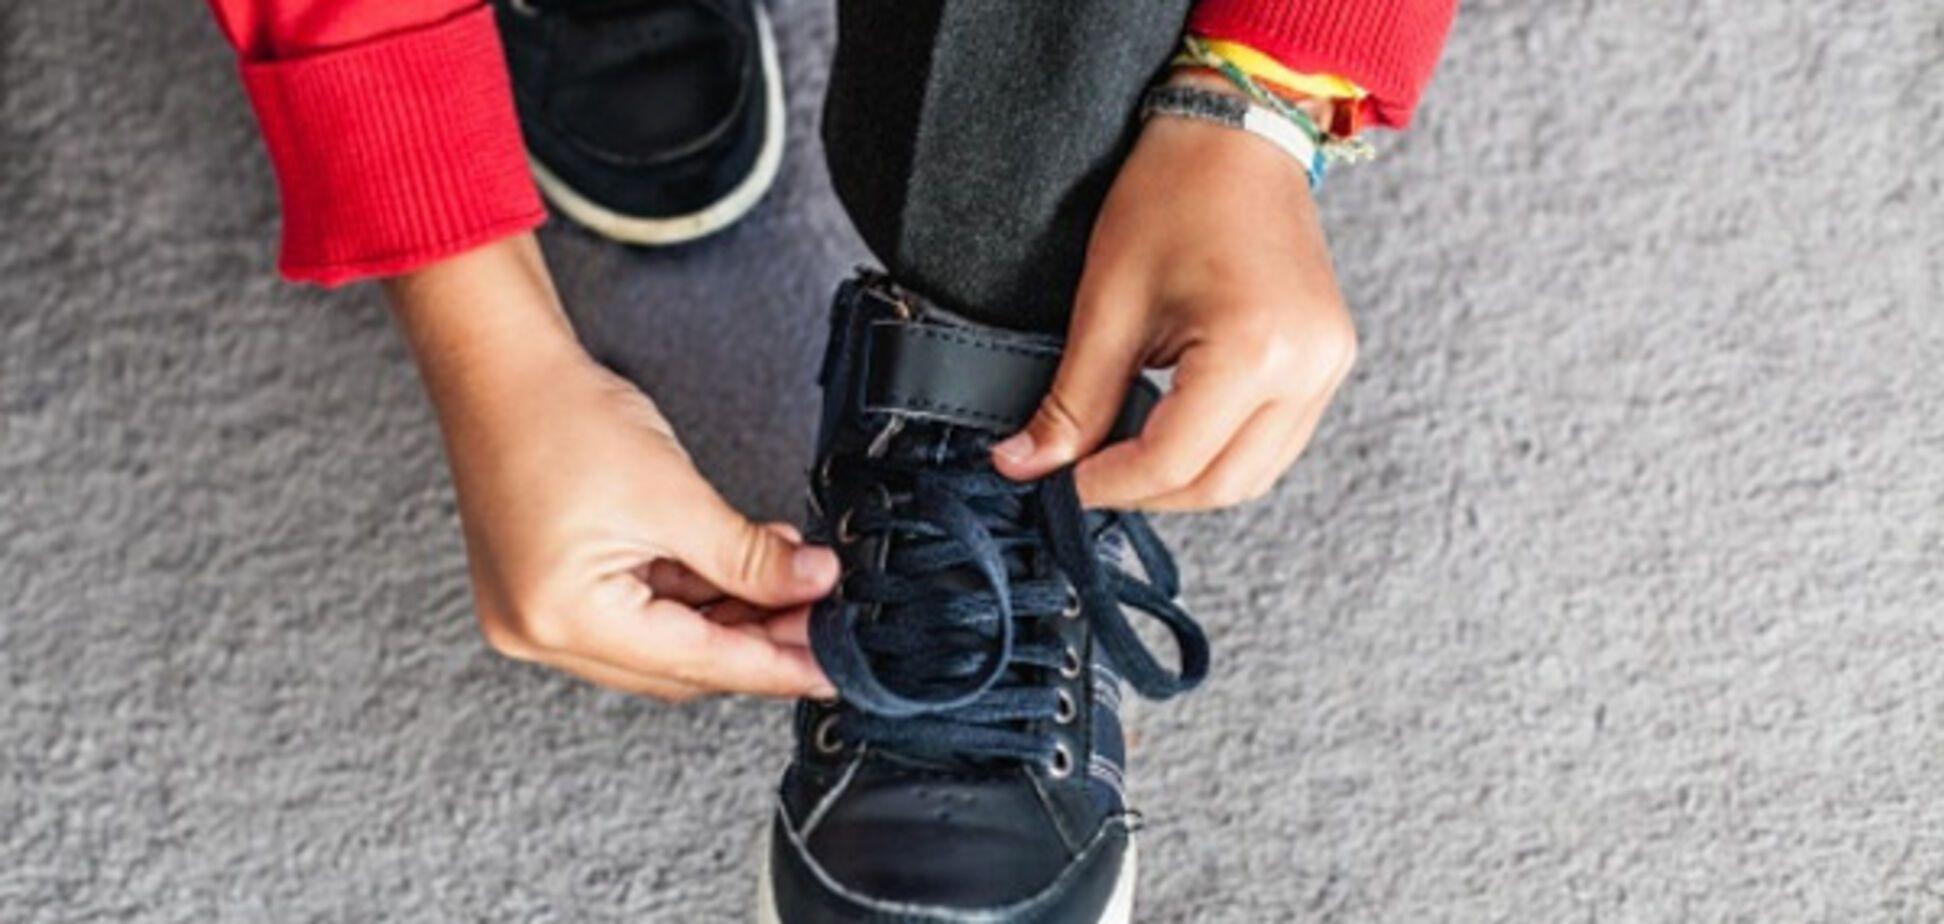 Как научить ребенка завязывать шнурки: лайфхак от мамы